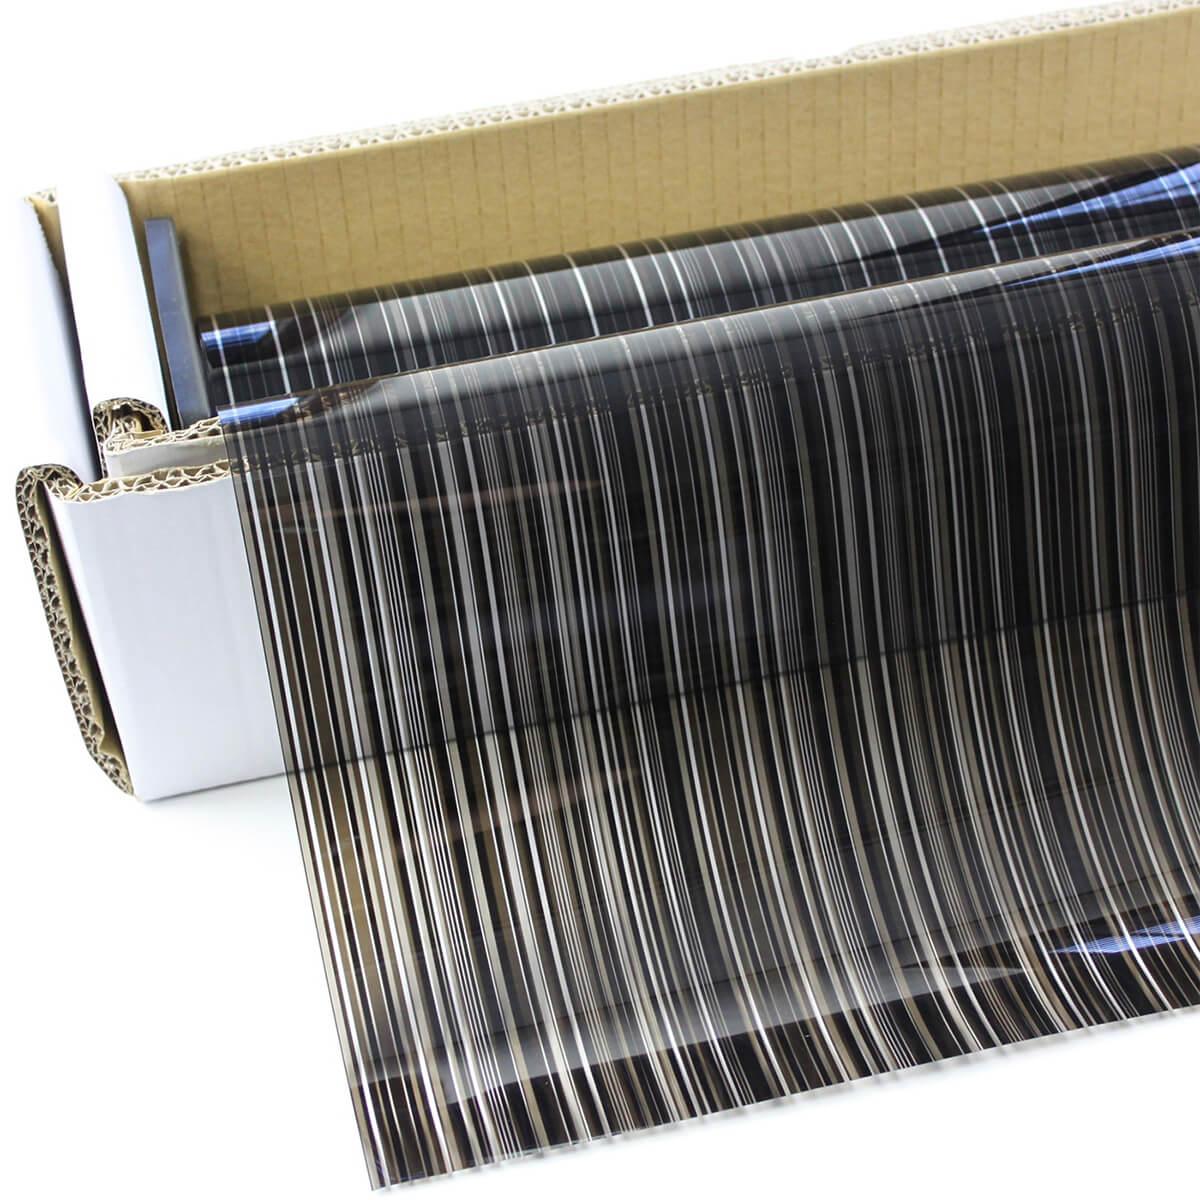 マルチストライプブラック・デコ(黒ストライプ柄) 123cm幅×30mロール箱売 ウィンドウフィルム 窓ガラスフィルム ガラスシート デコレーションフィルム 装飾フィルム UVカットフィルム ブレインテック Braintec #D-MSB48 Roll#